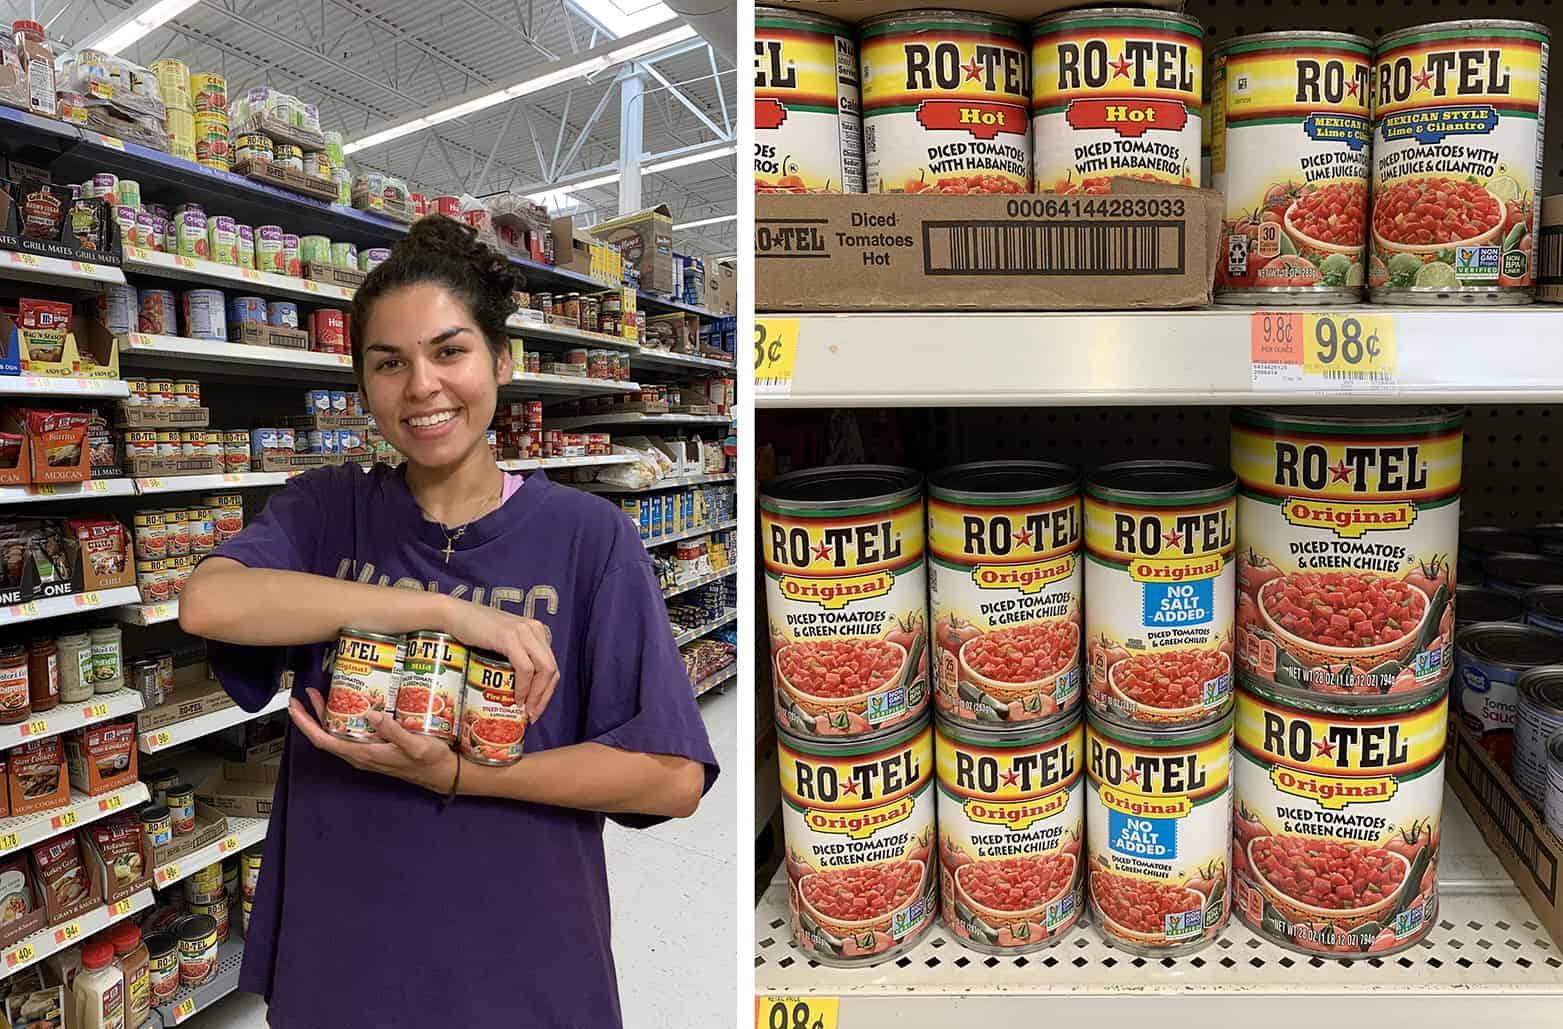 RO*TEL at Walmart stores.